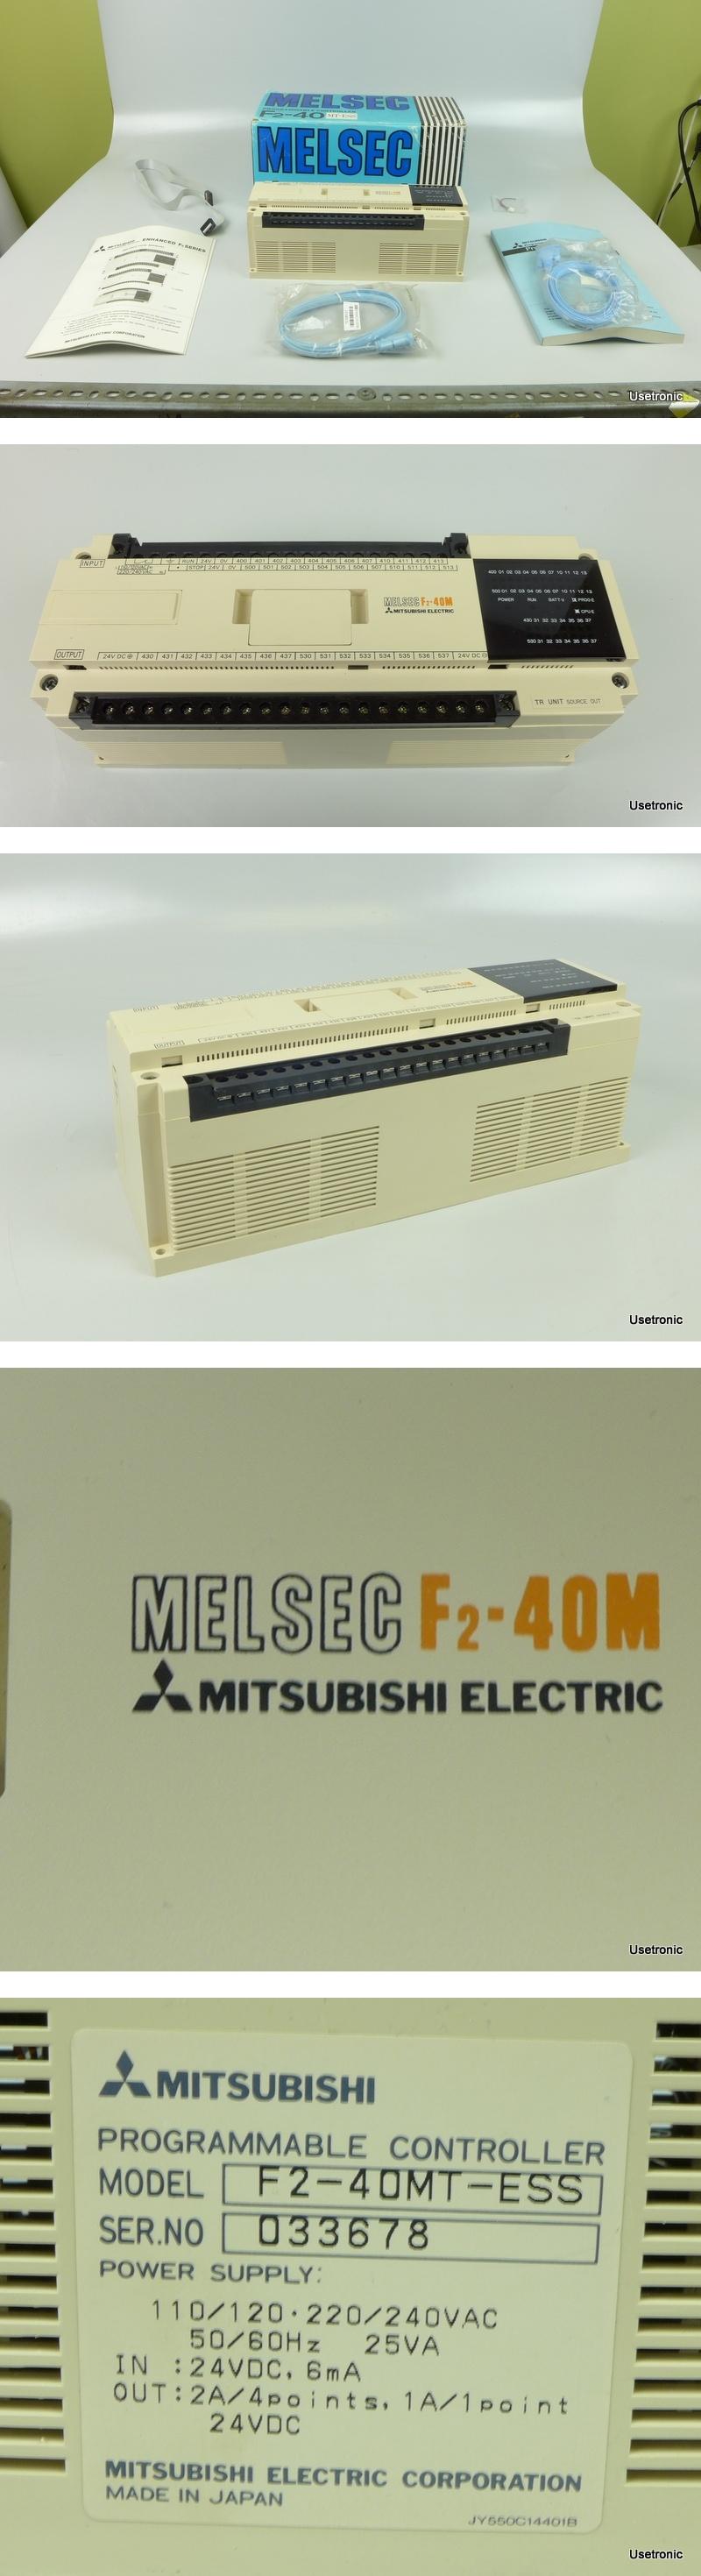 Mitsubishi F2-40MT-ESS